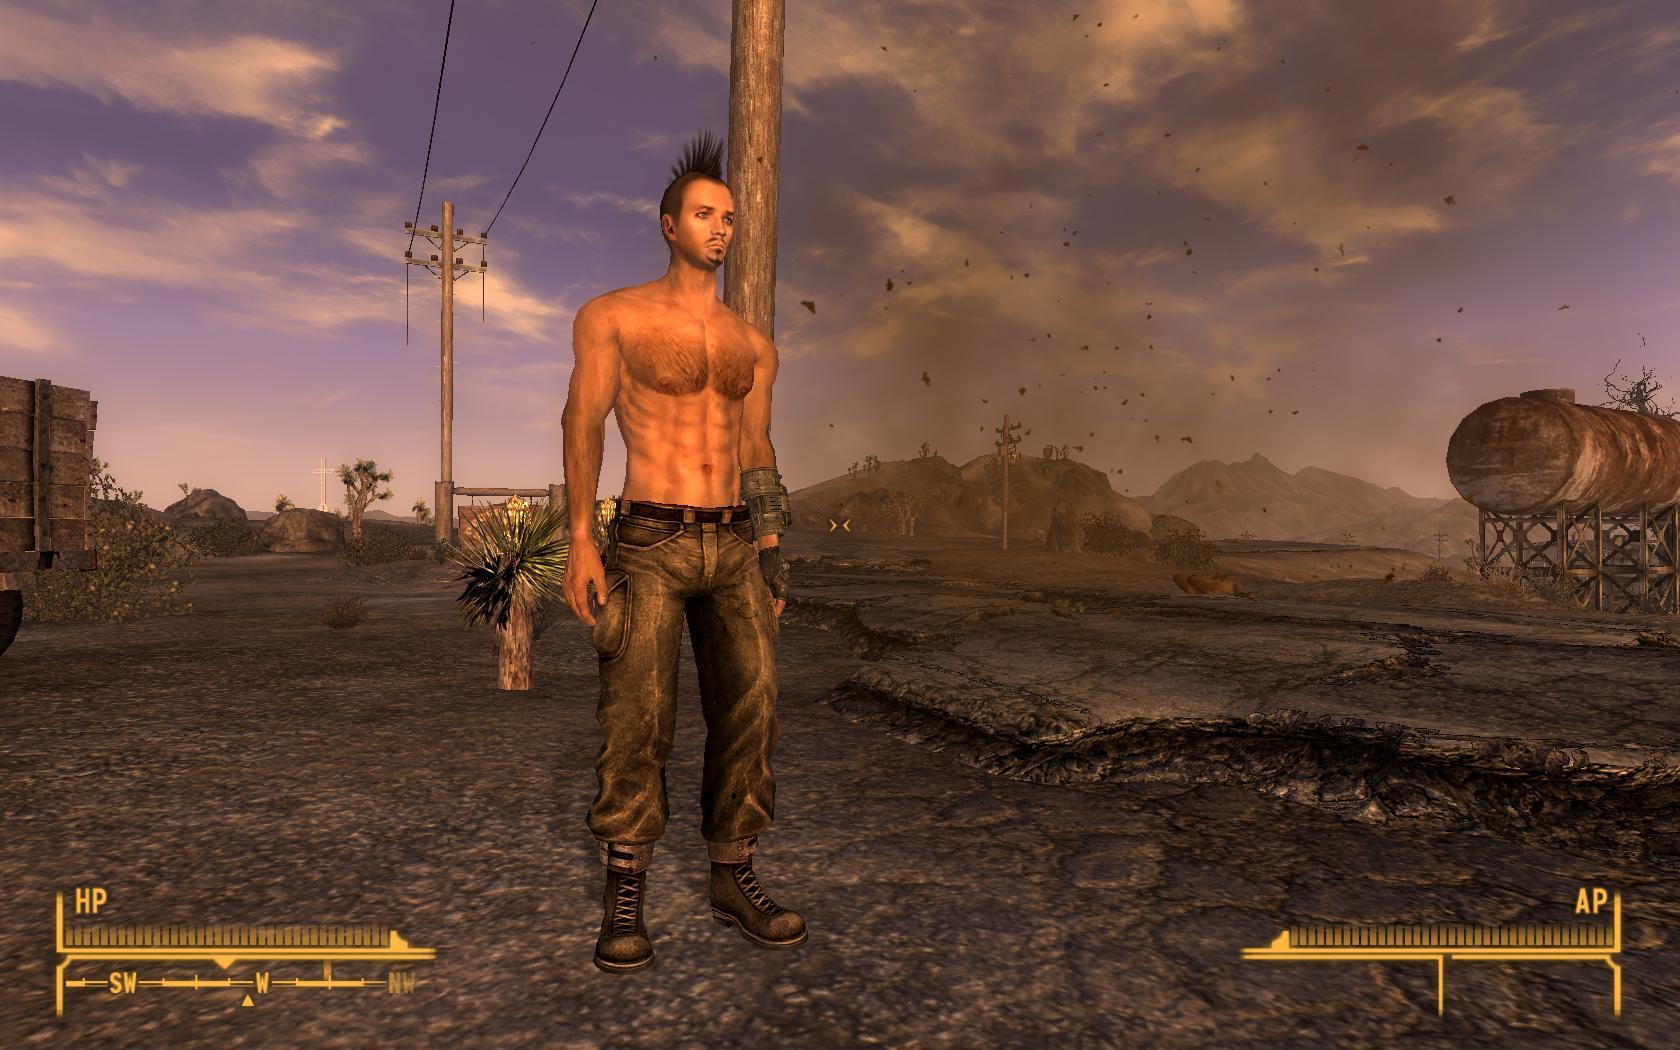 Fallout 3 nude male mod hentai photo